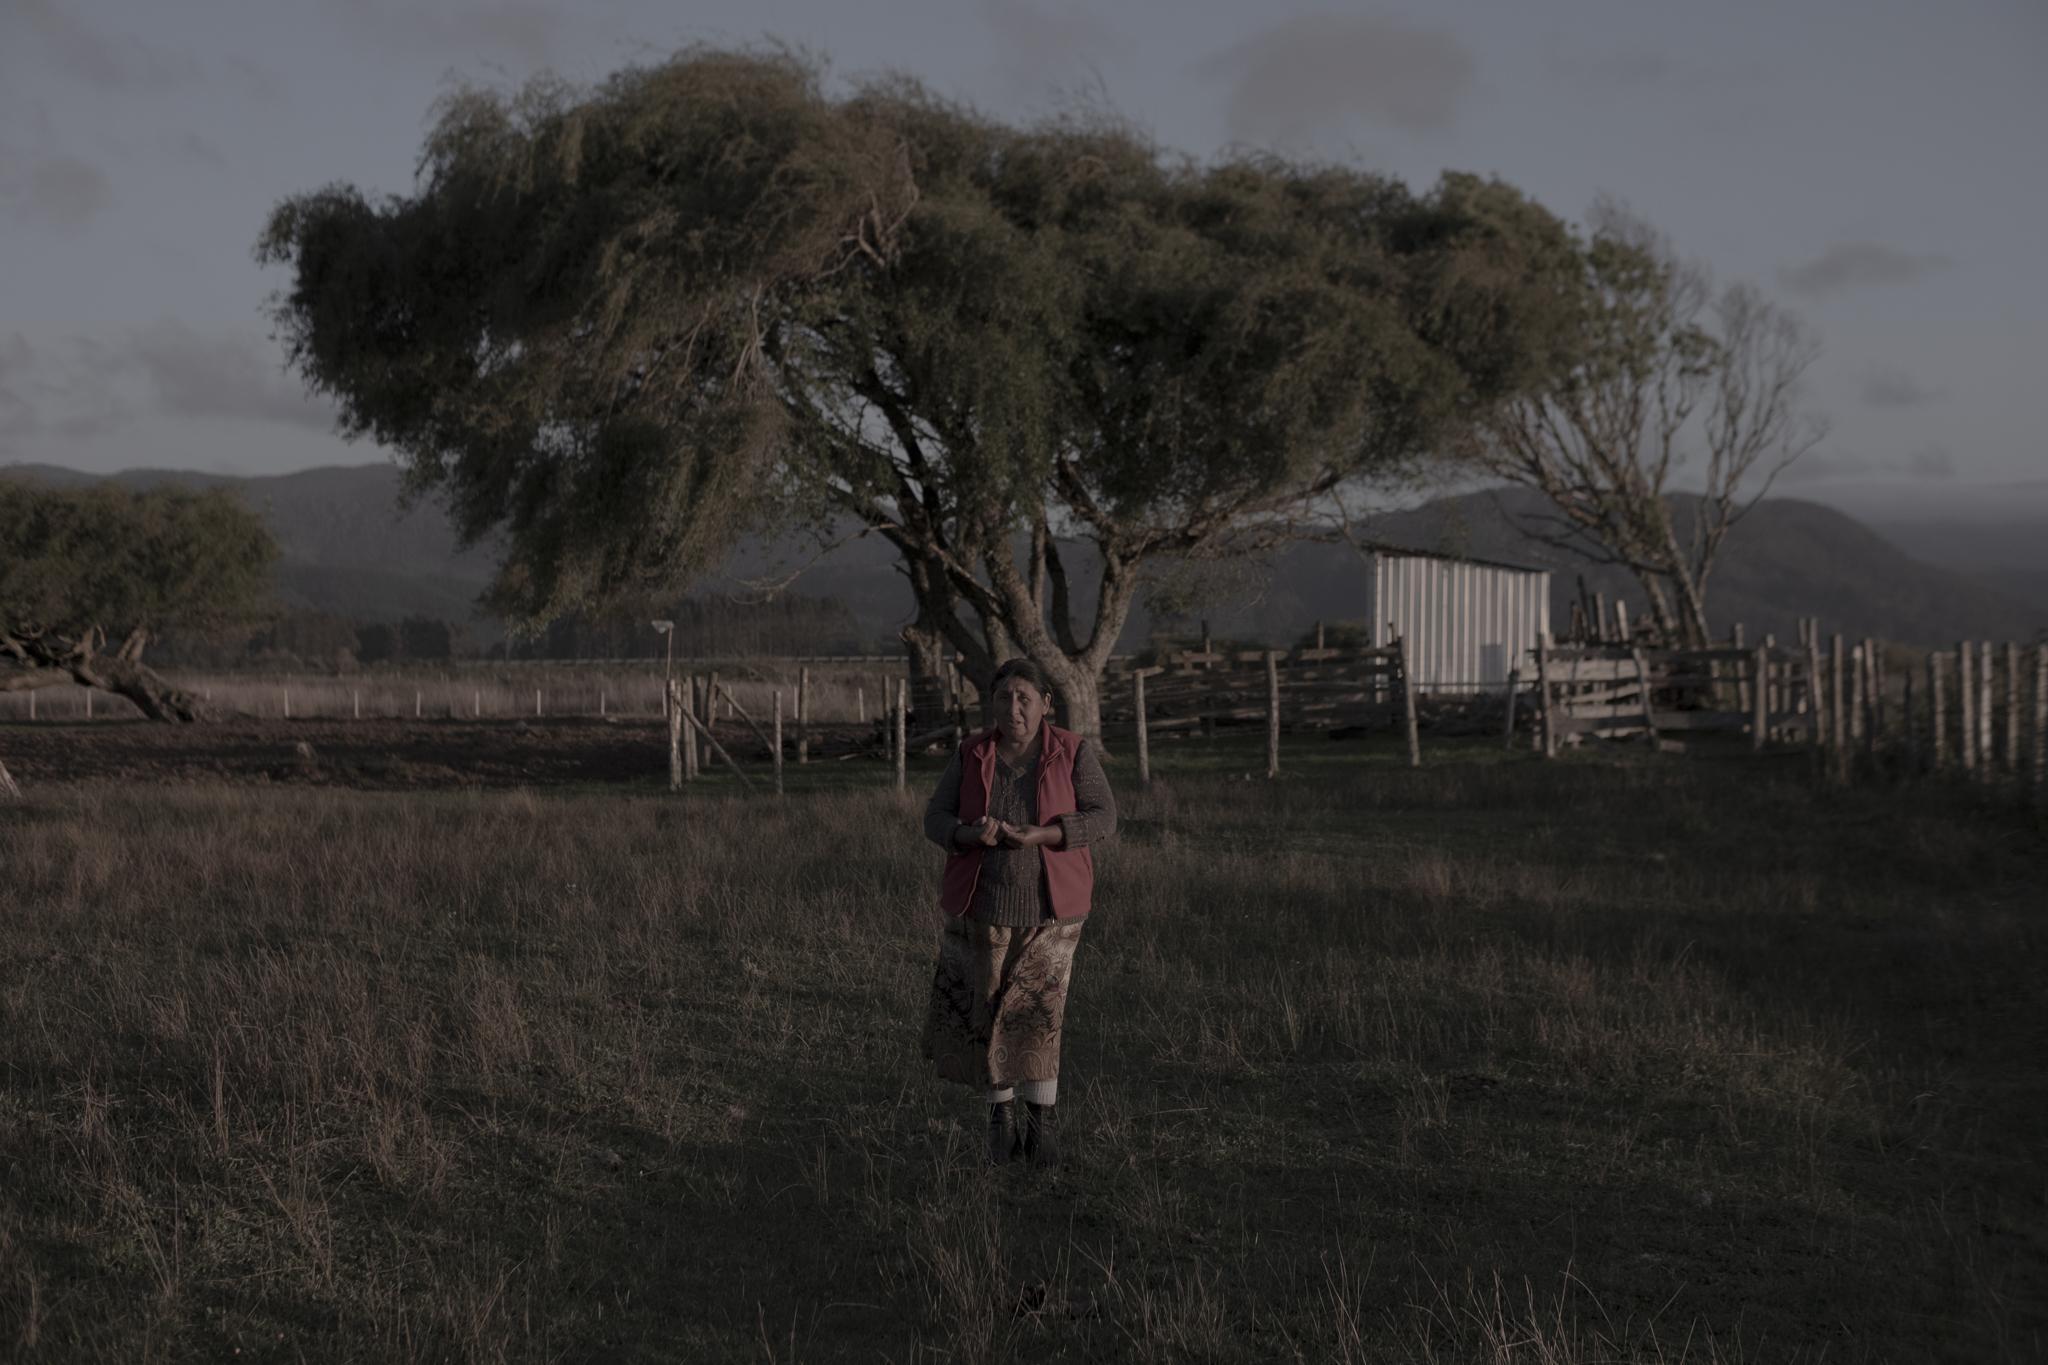 Los sauces llorones son de las pocas especies de árboles que sobrevivieron al maremoto de 1960. Nelly plantó el sauce detrás de ella, delante del que plantó su abuela a orillas del río.